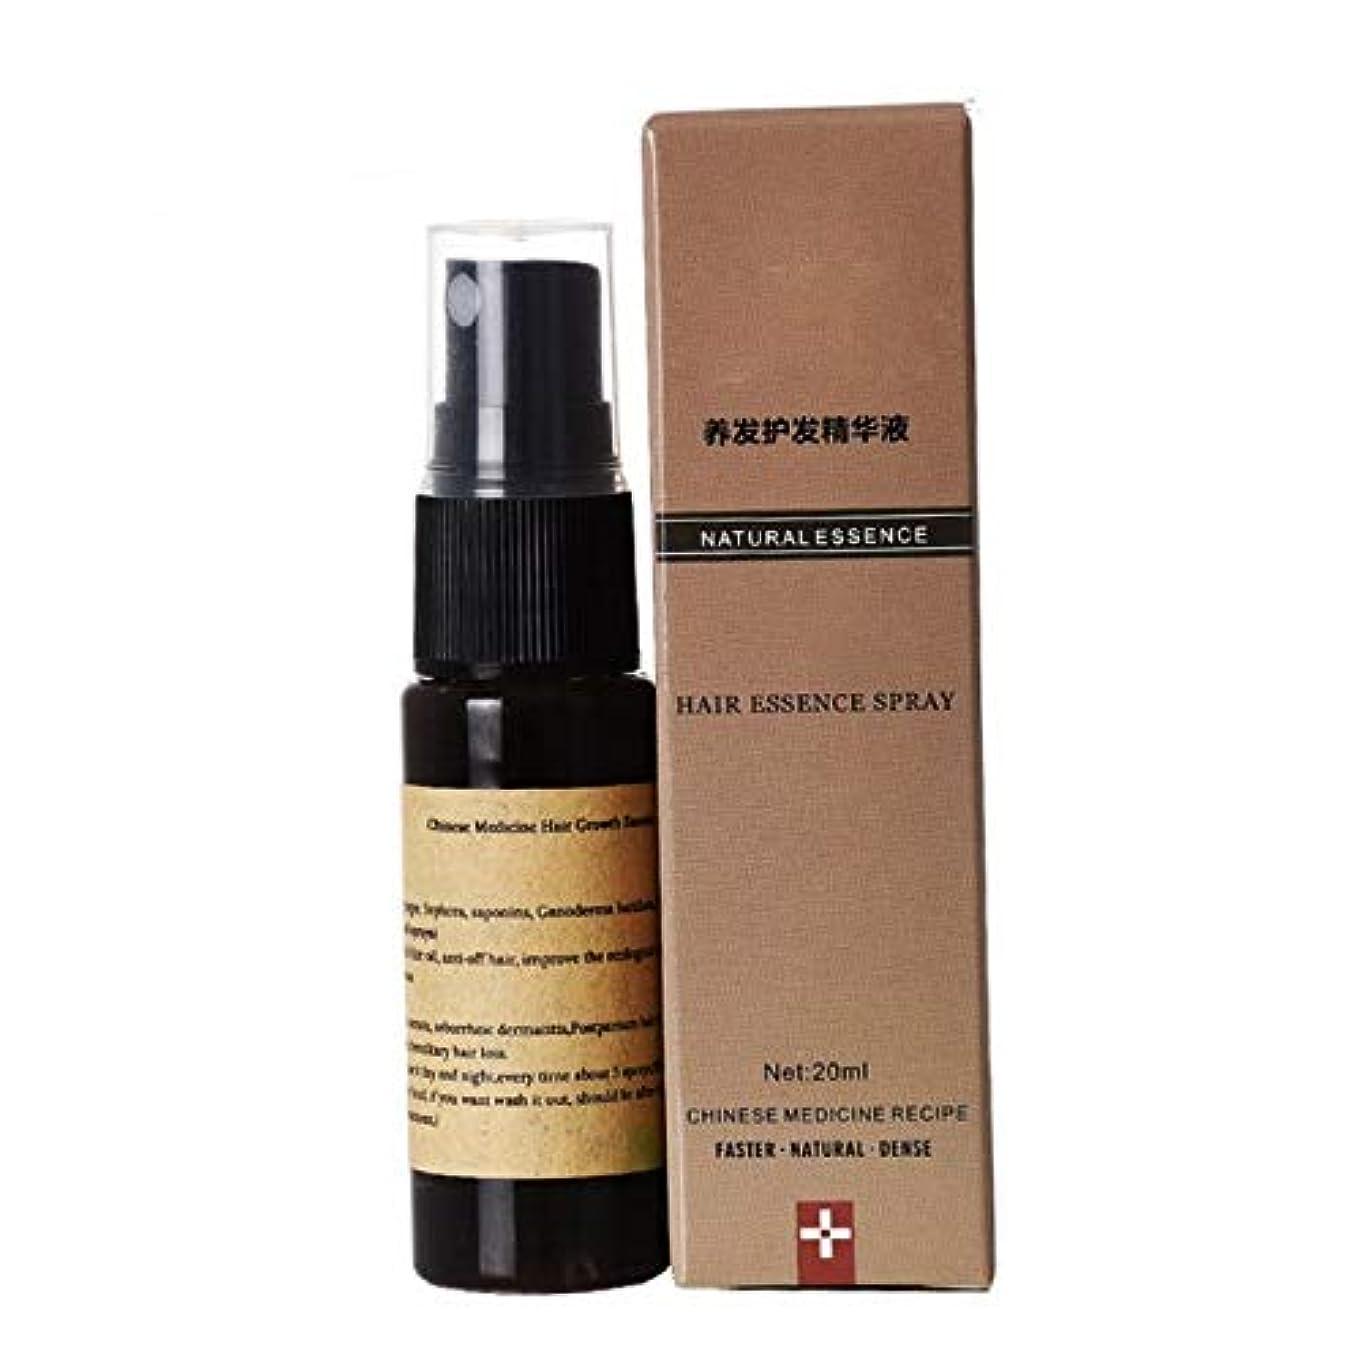 鑑定黒検査官抜け毛防止シャンプーAnti Gray Hair Spray Shampoo Serum Hair Organic Fast Hair Growth Essence